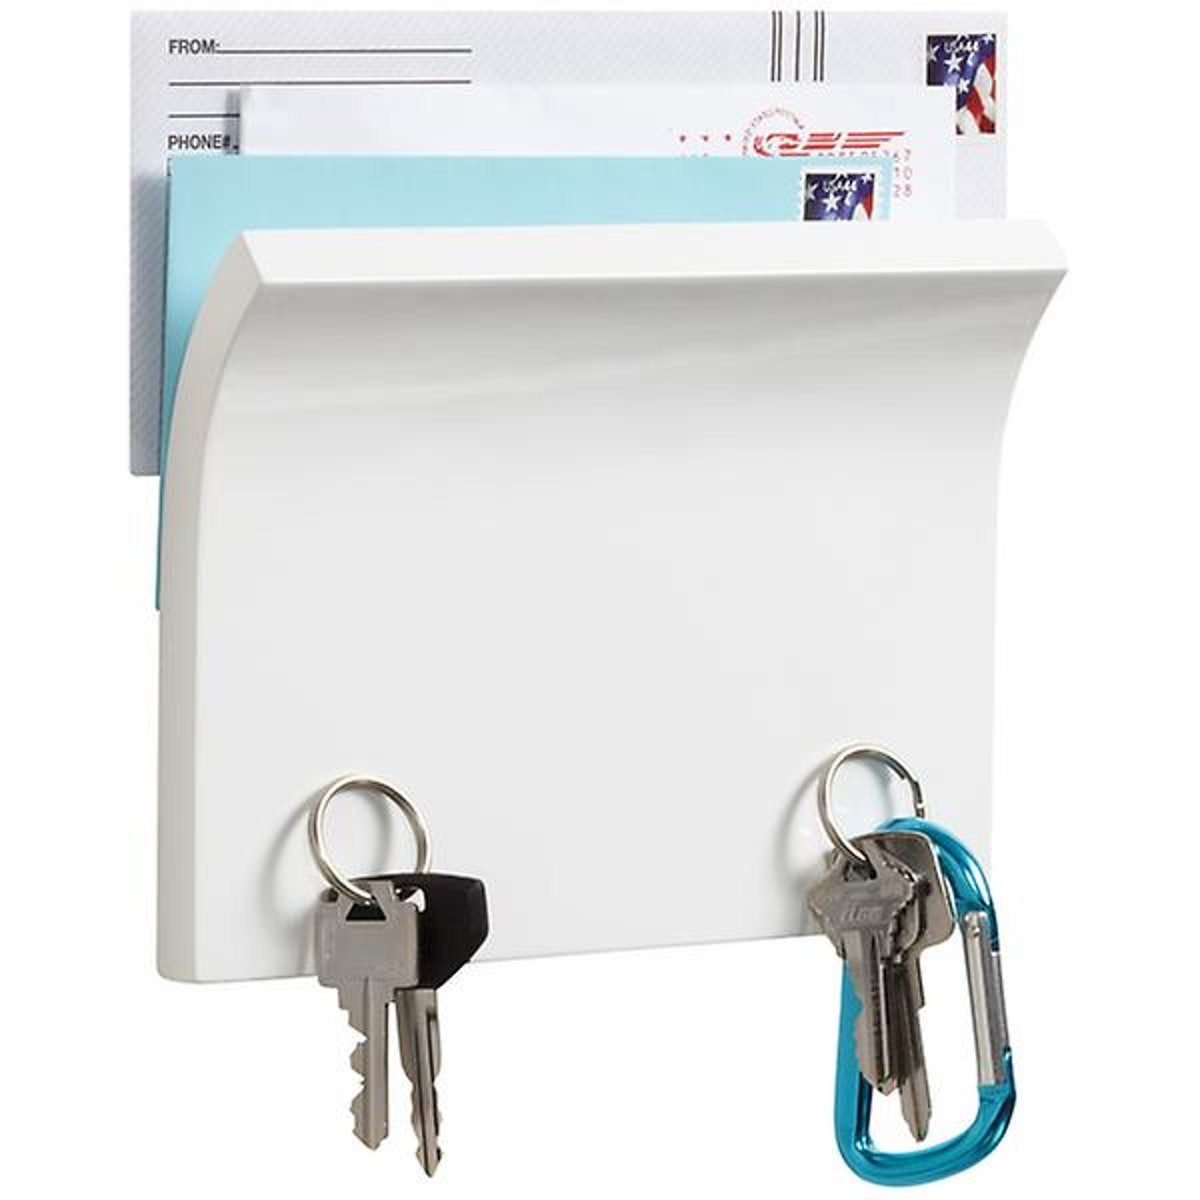 Umbra Piano White Magnetter Key & Letter Holder